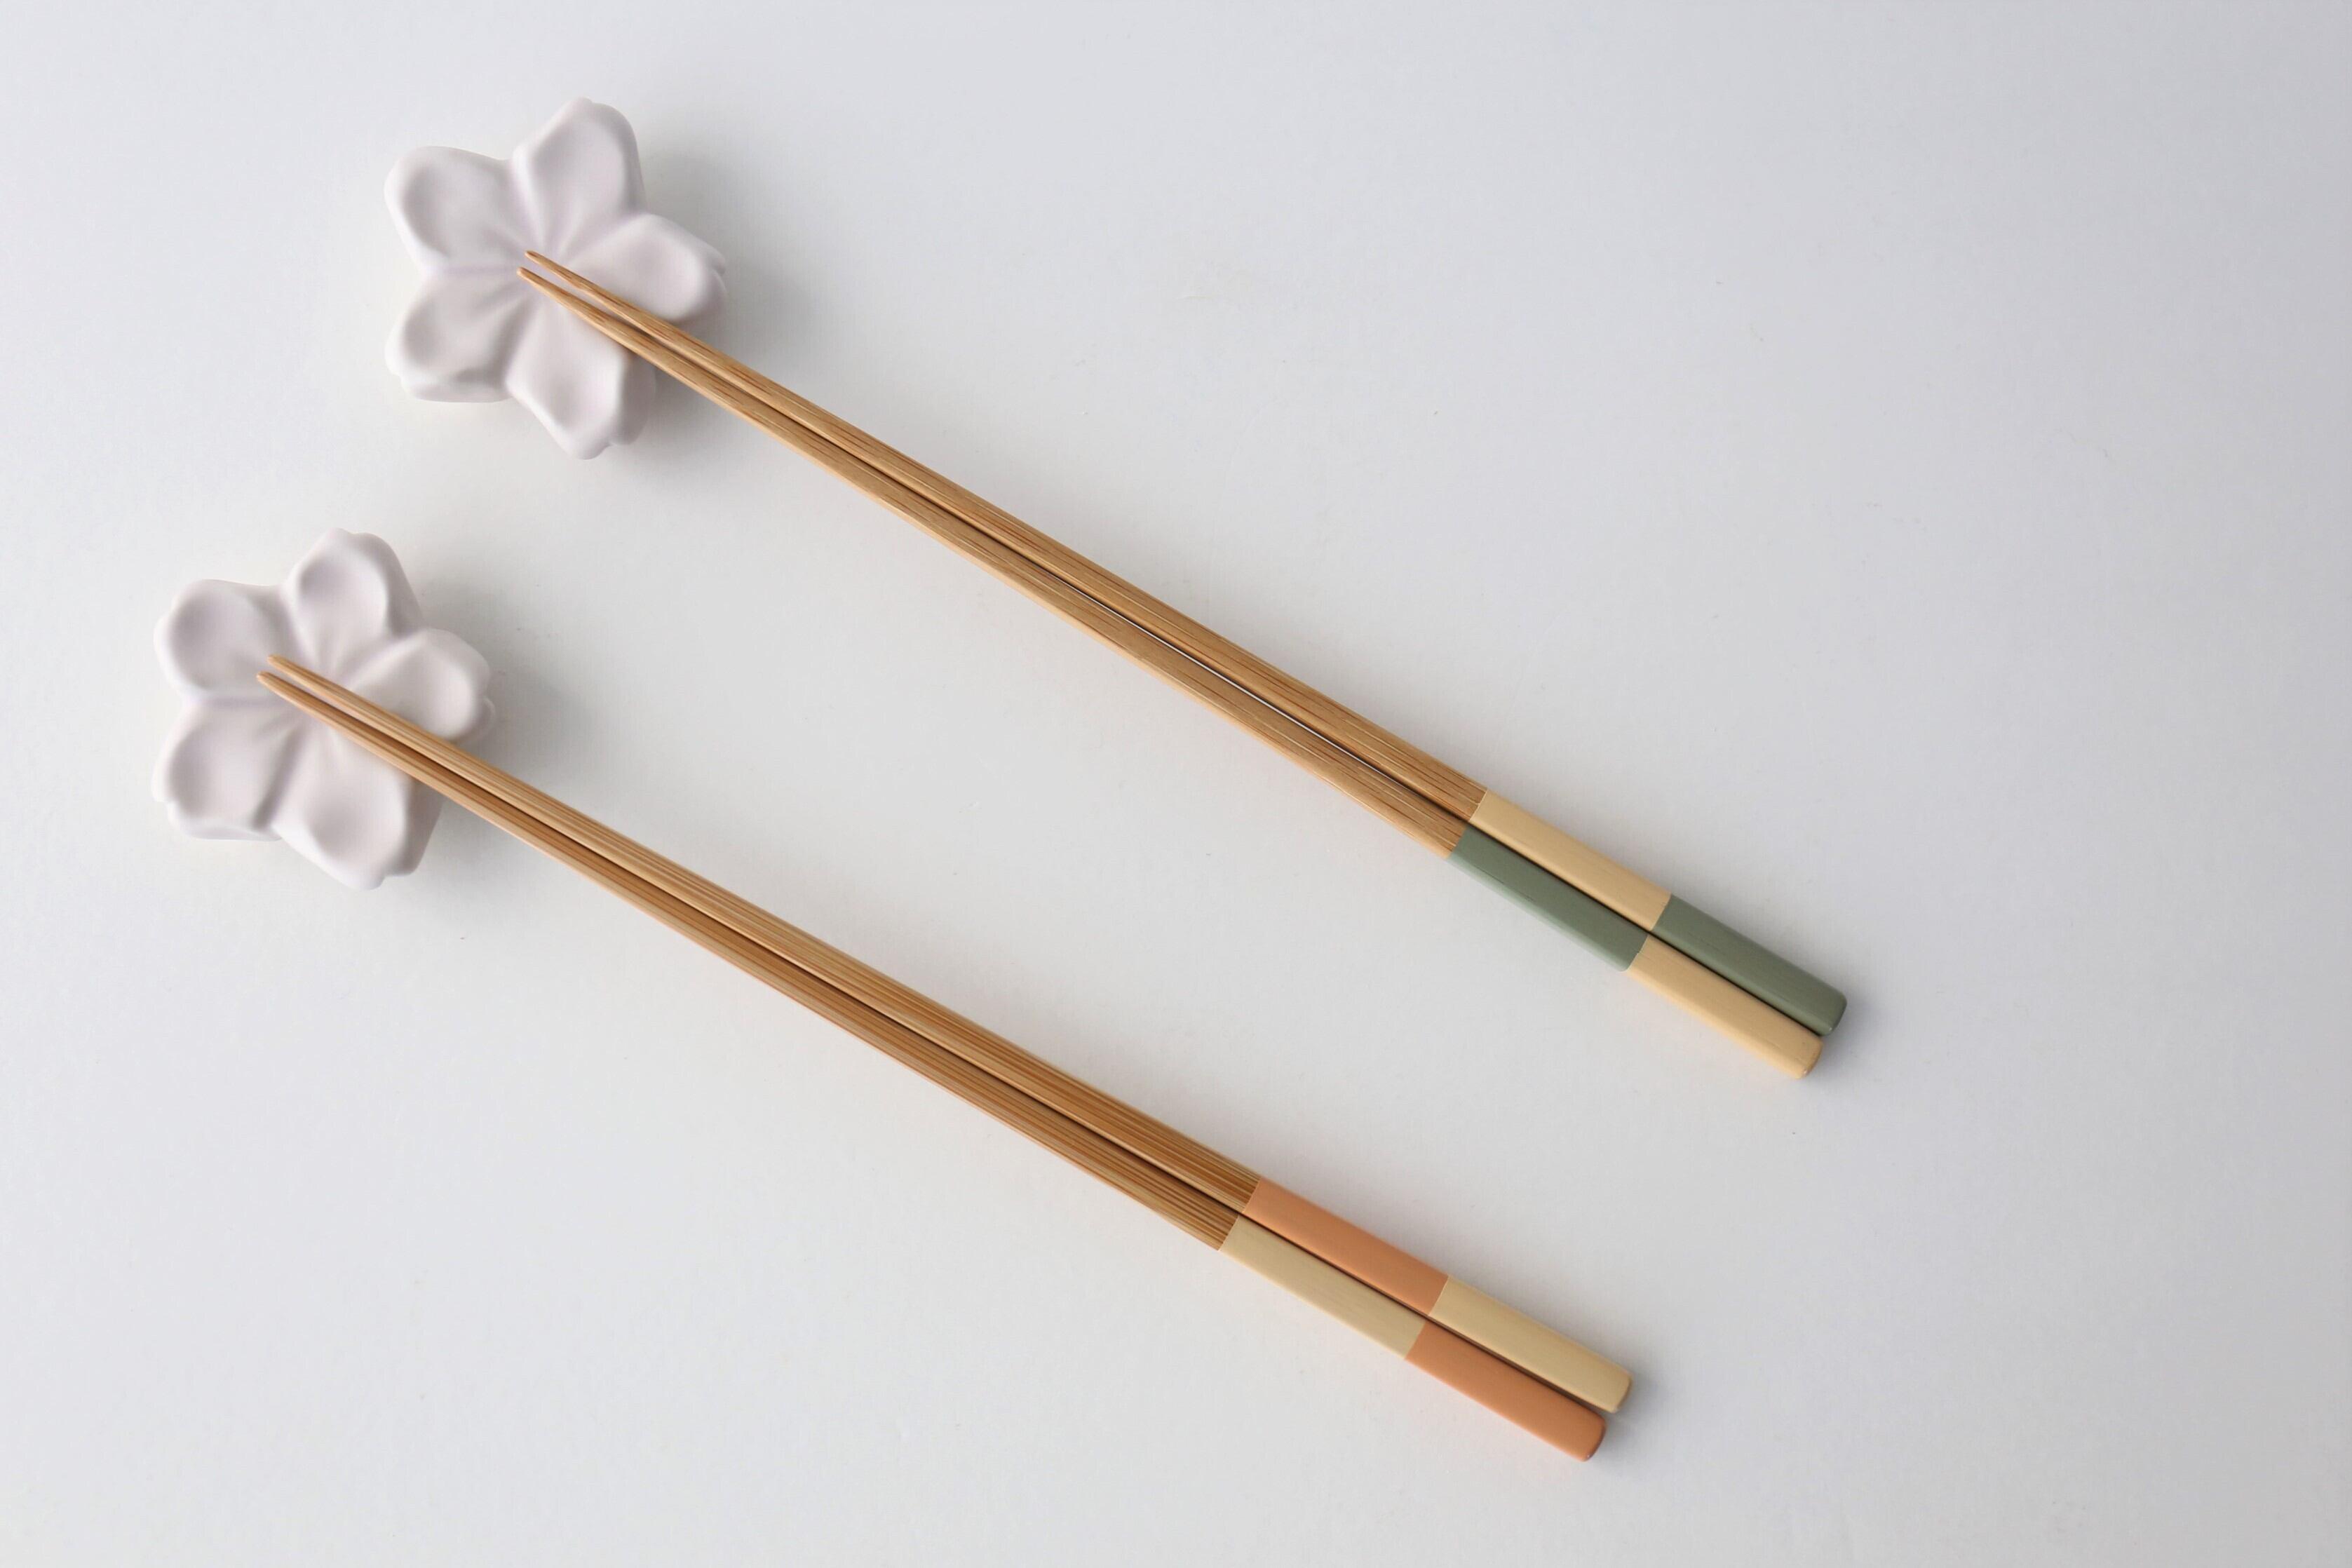 けはれ竹工房 自然塗料箸 いちまつ (3種)